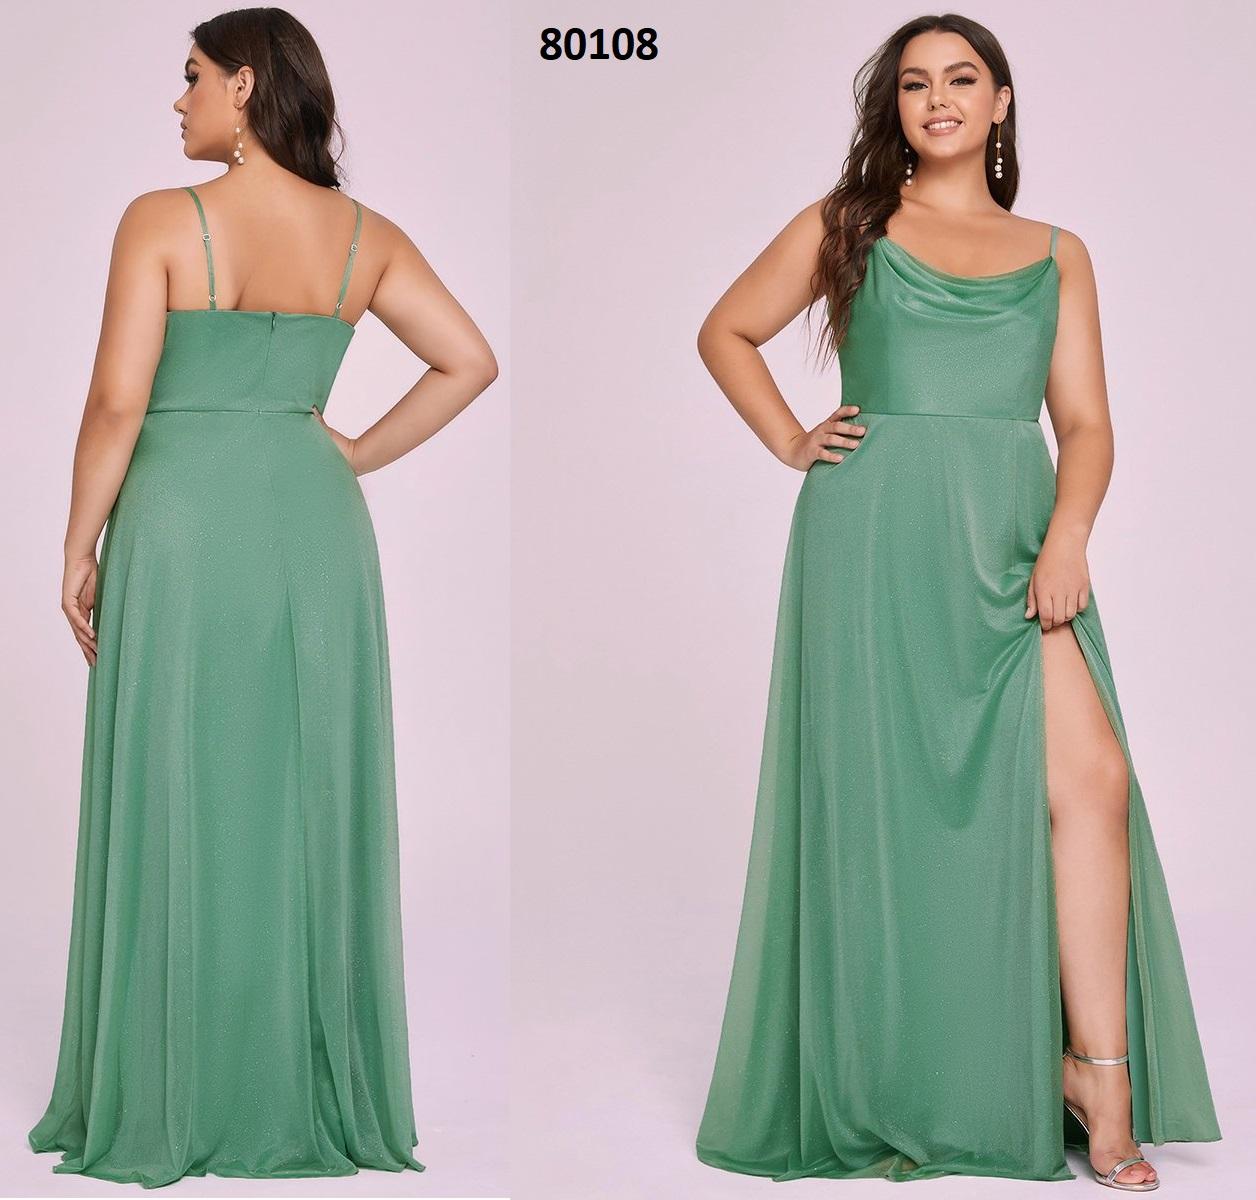 Lápiz silueta escote cuadrado vestidos de dama de honor 80108